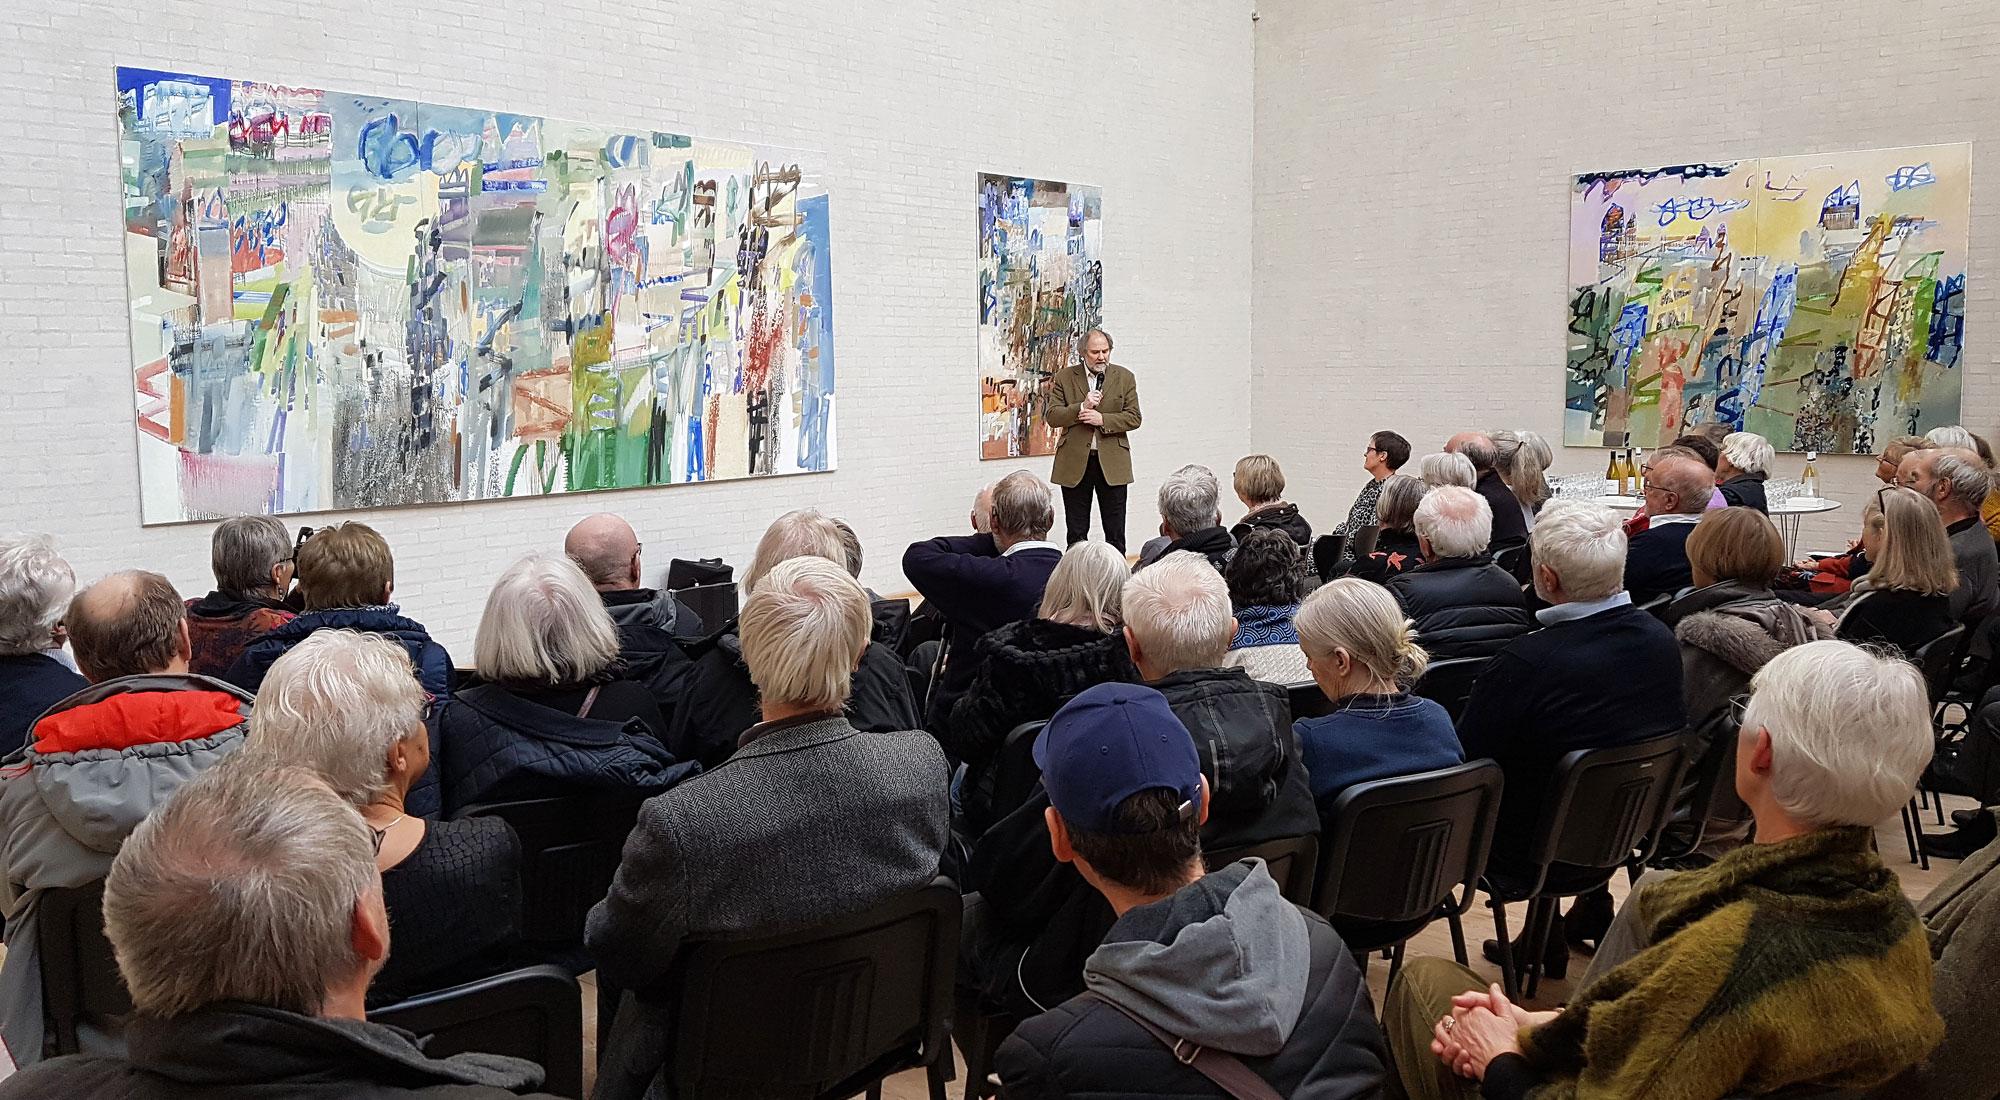 Bárður Jákupsson forklarer om sine billeder til fernisering på Himmerlands Kunstmuseum